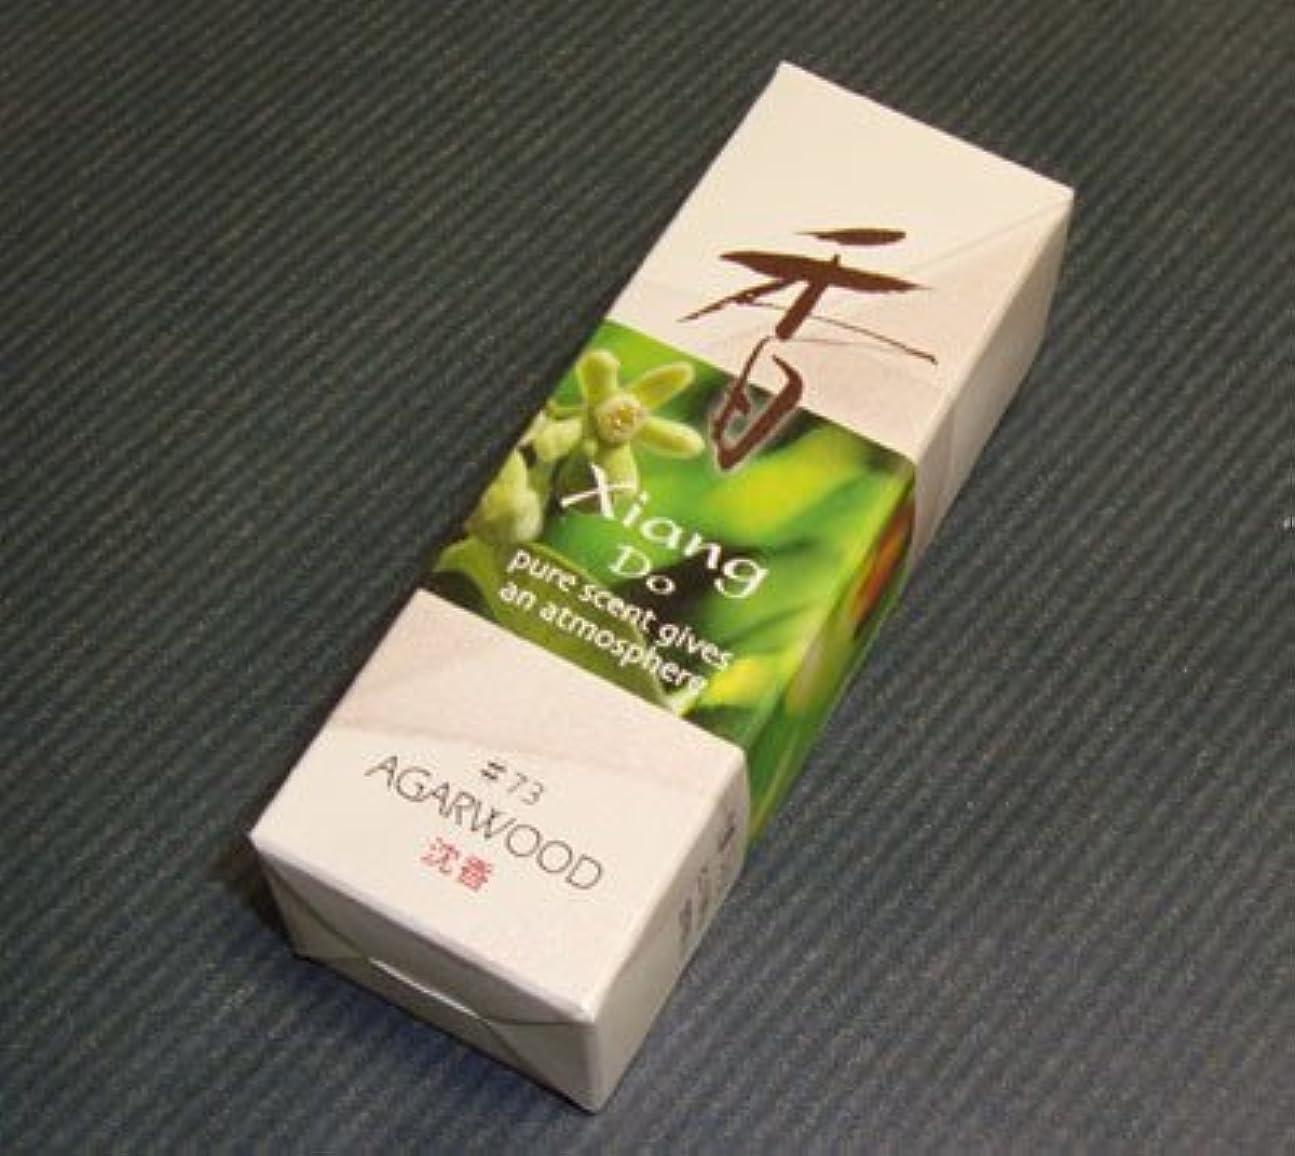 かどうかカーテン角度沈水香木の落着いた香りです 松栄堂【Xiang Do アガーウッド】スティック 【お香】